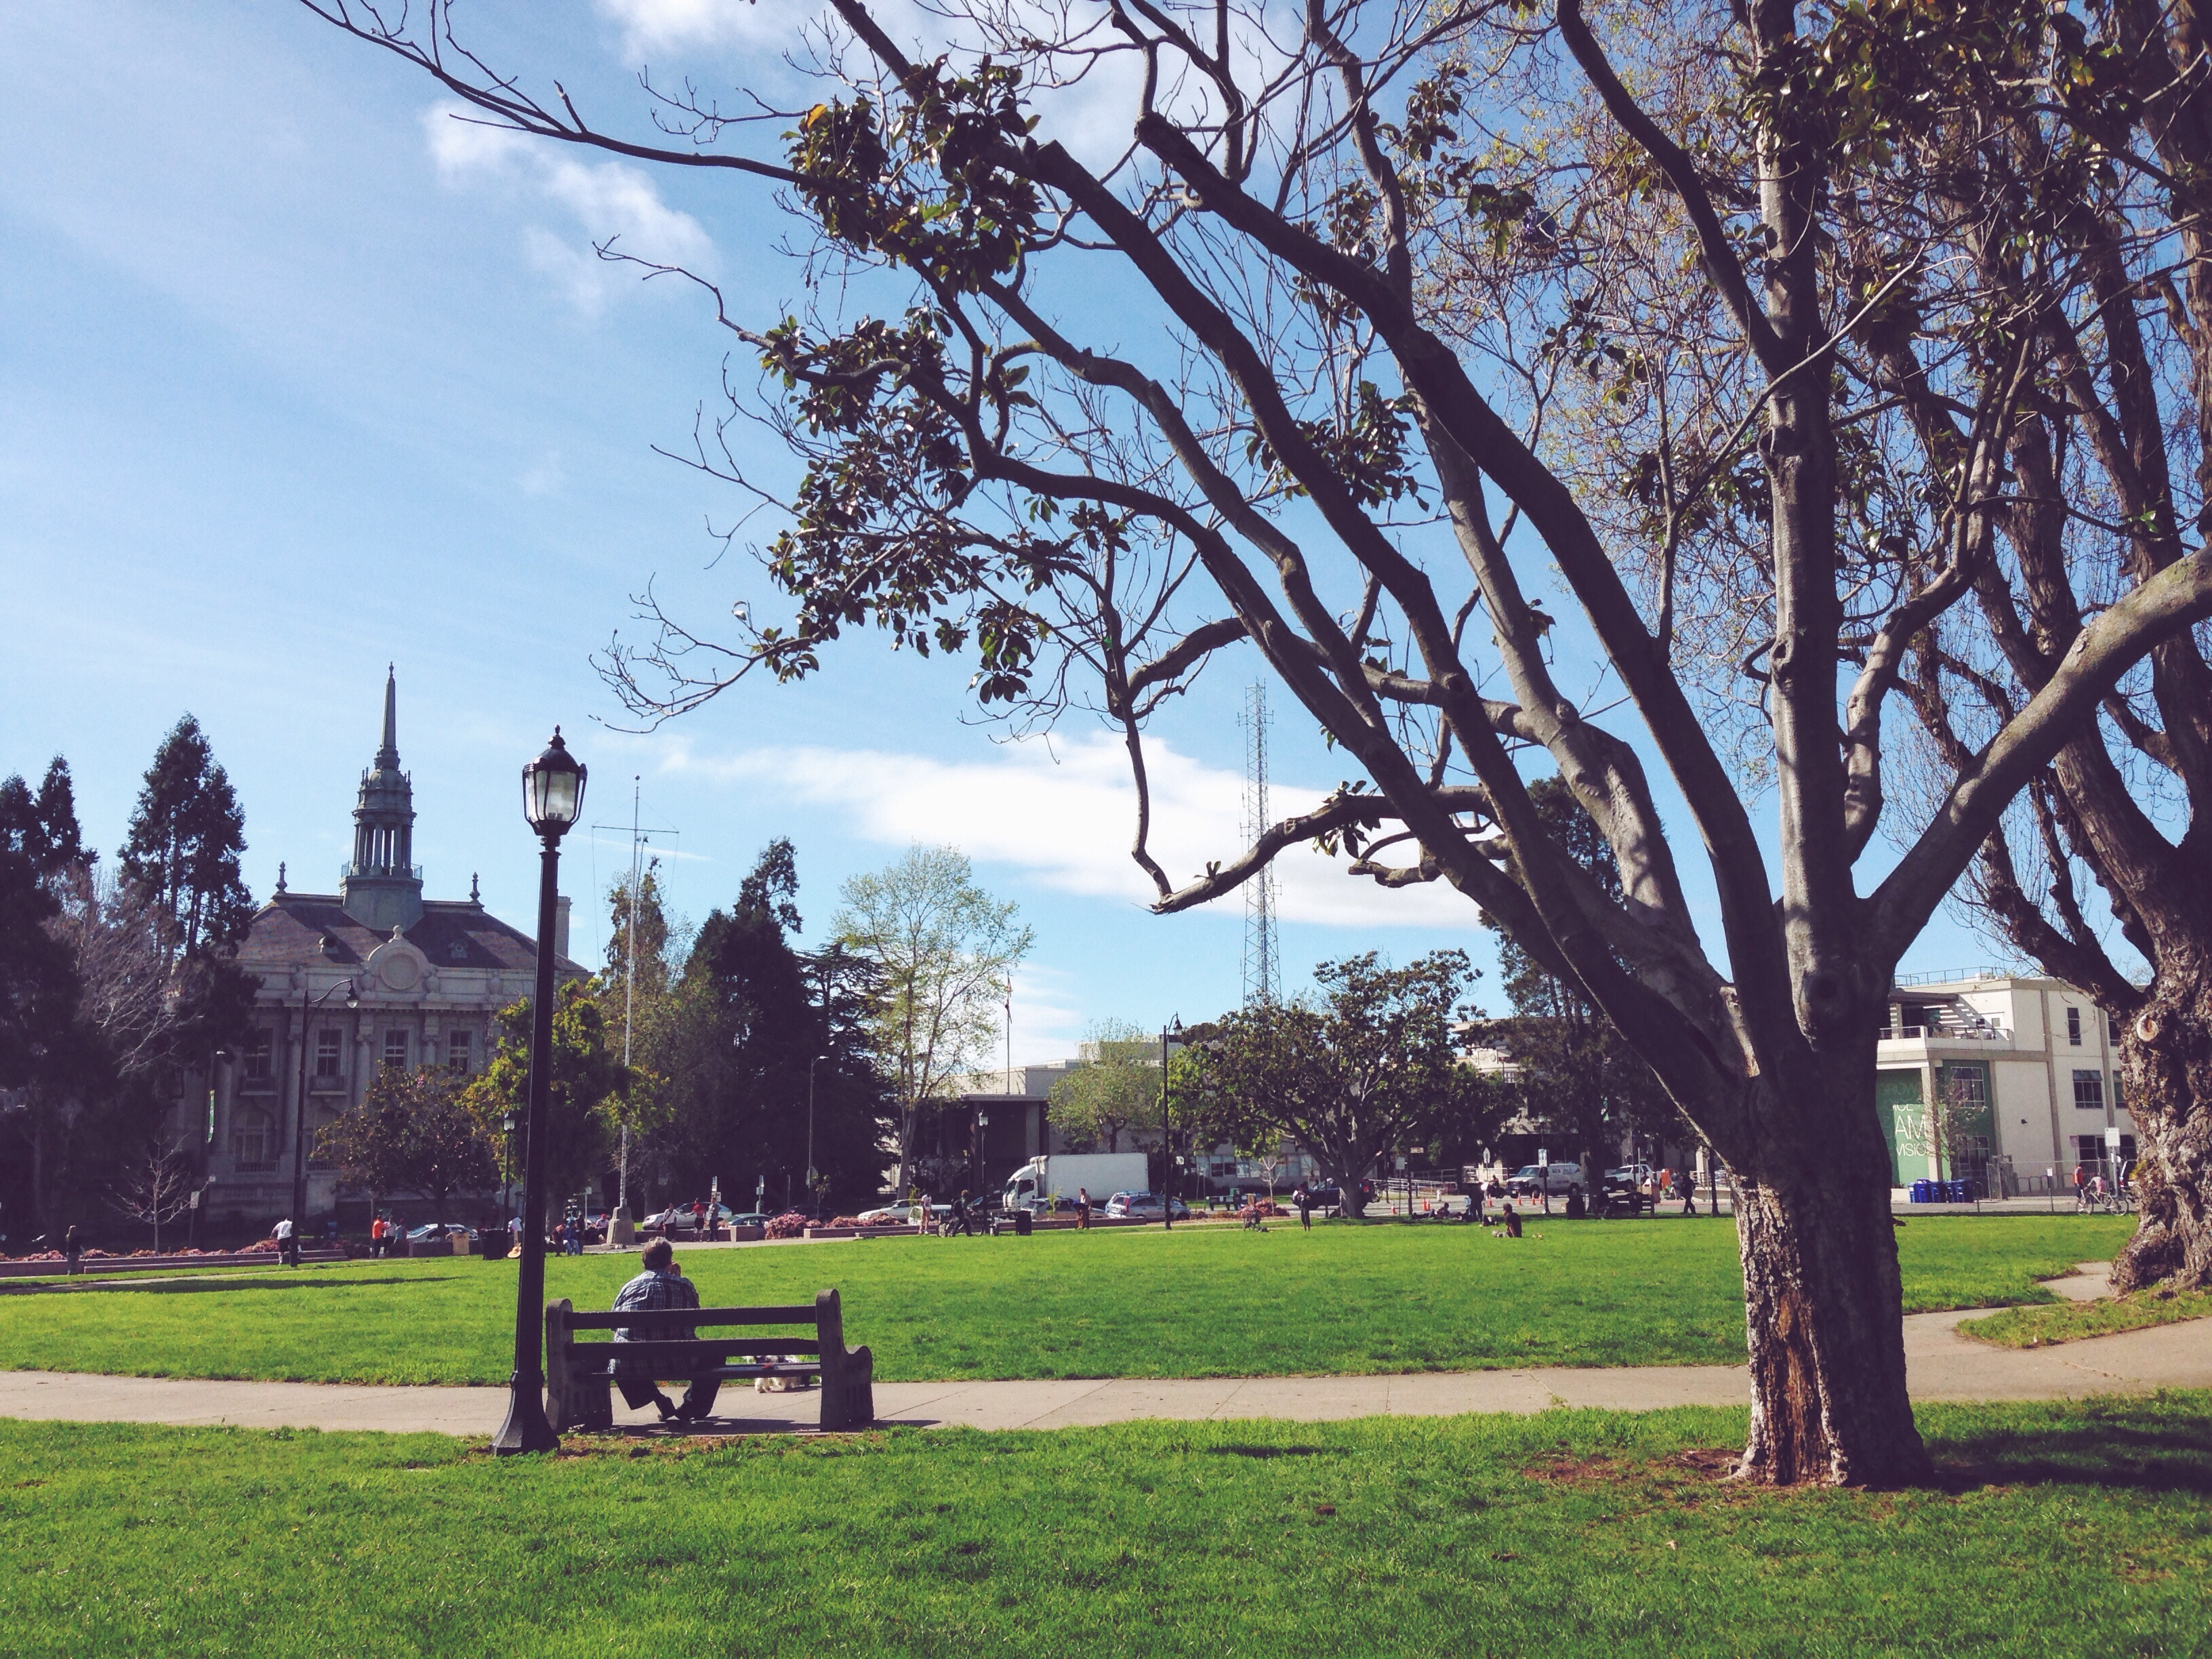 Berkeley, a mezz'ora da San Francisco